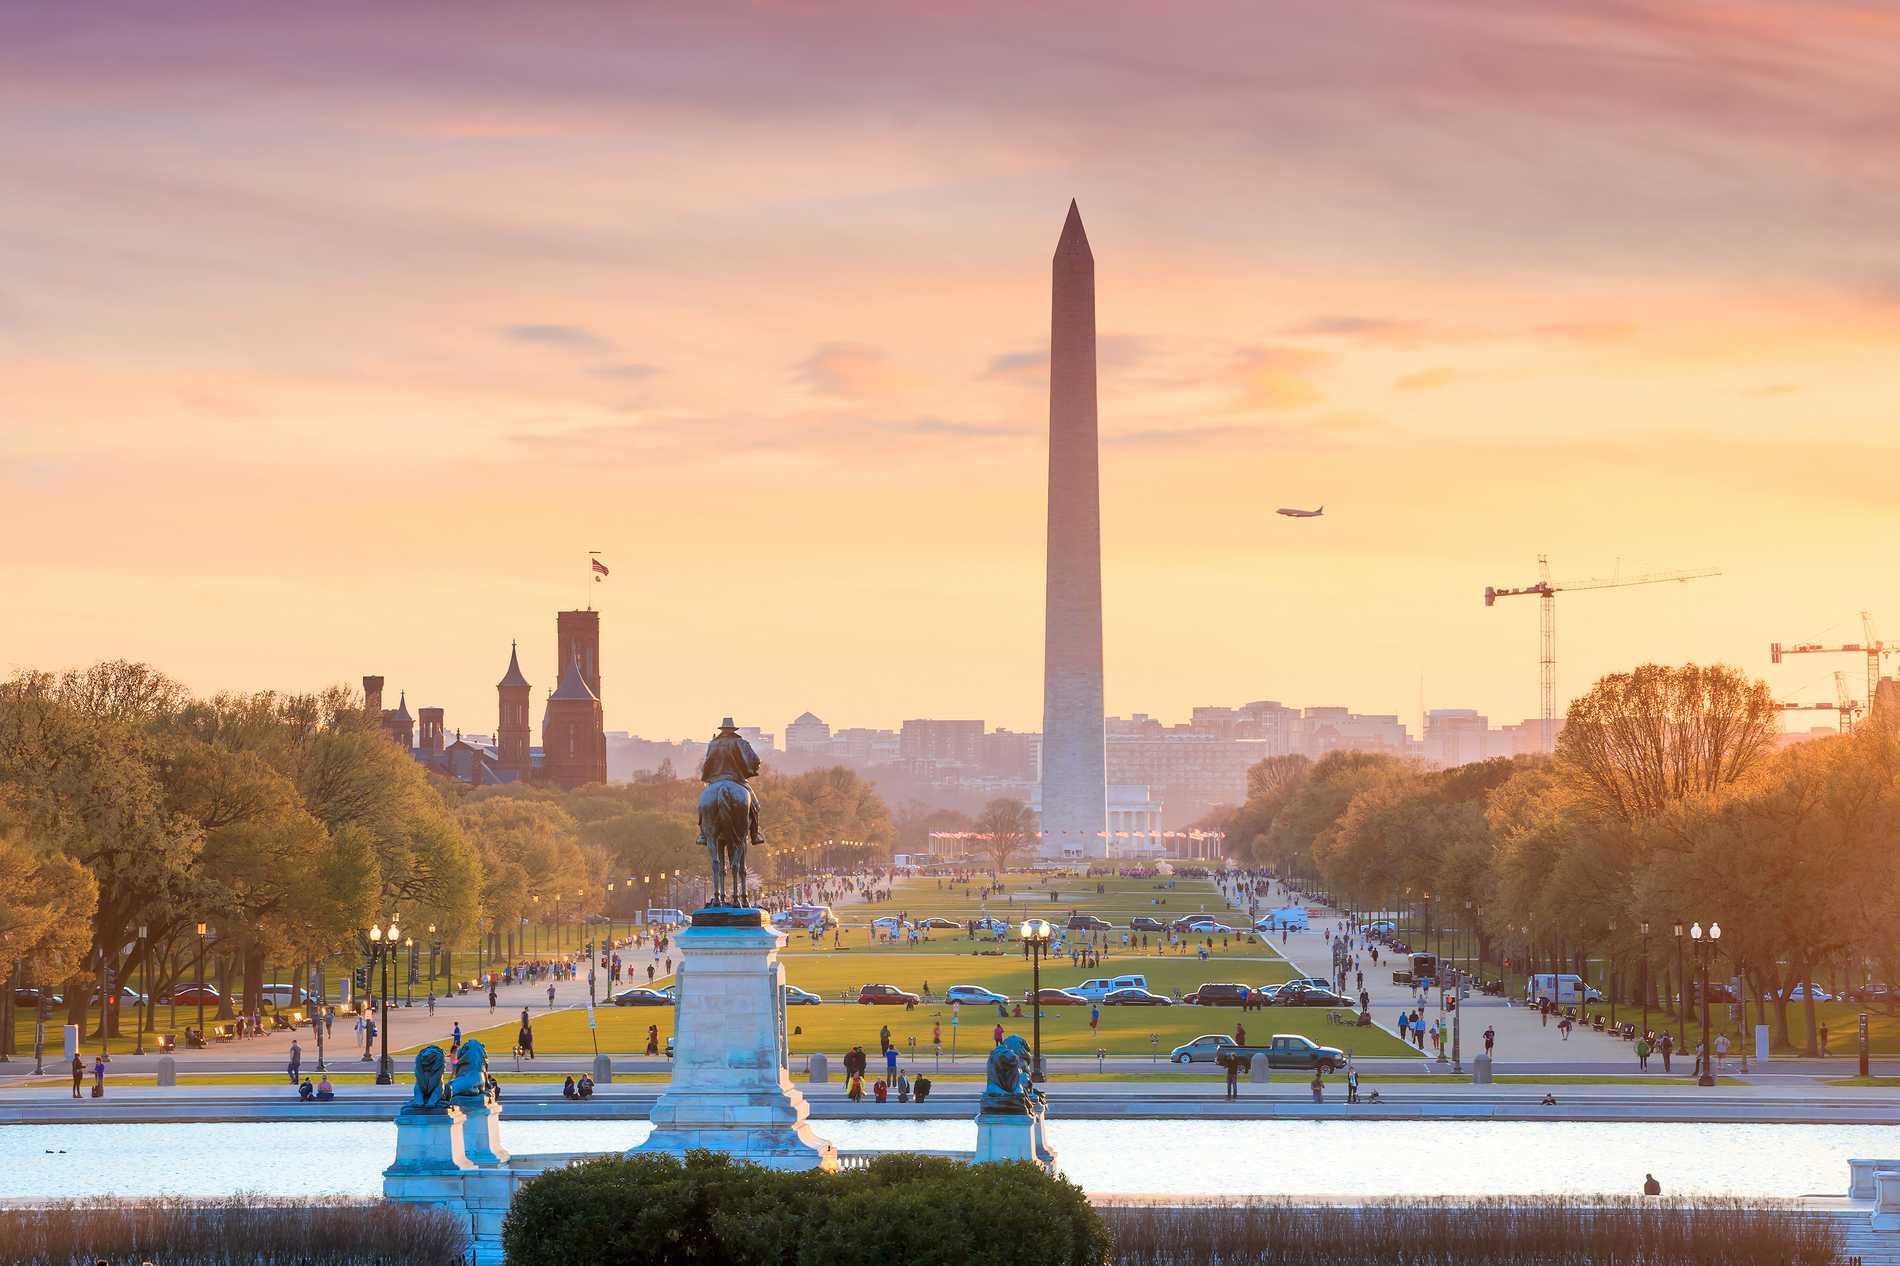 Är Washington DC politikens huvudstad? Kanske i alla fall 2020.